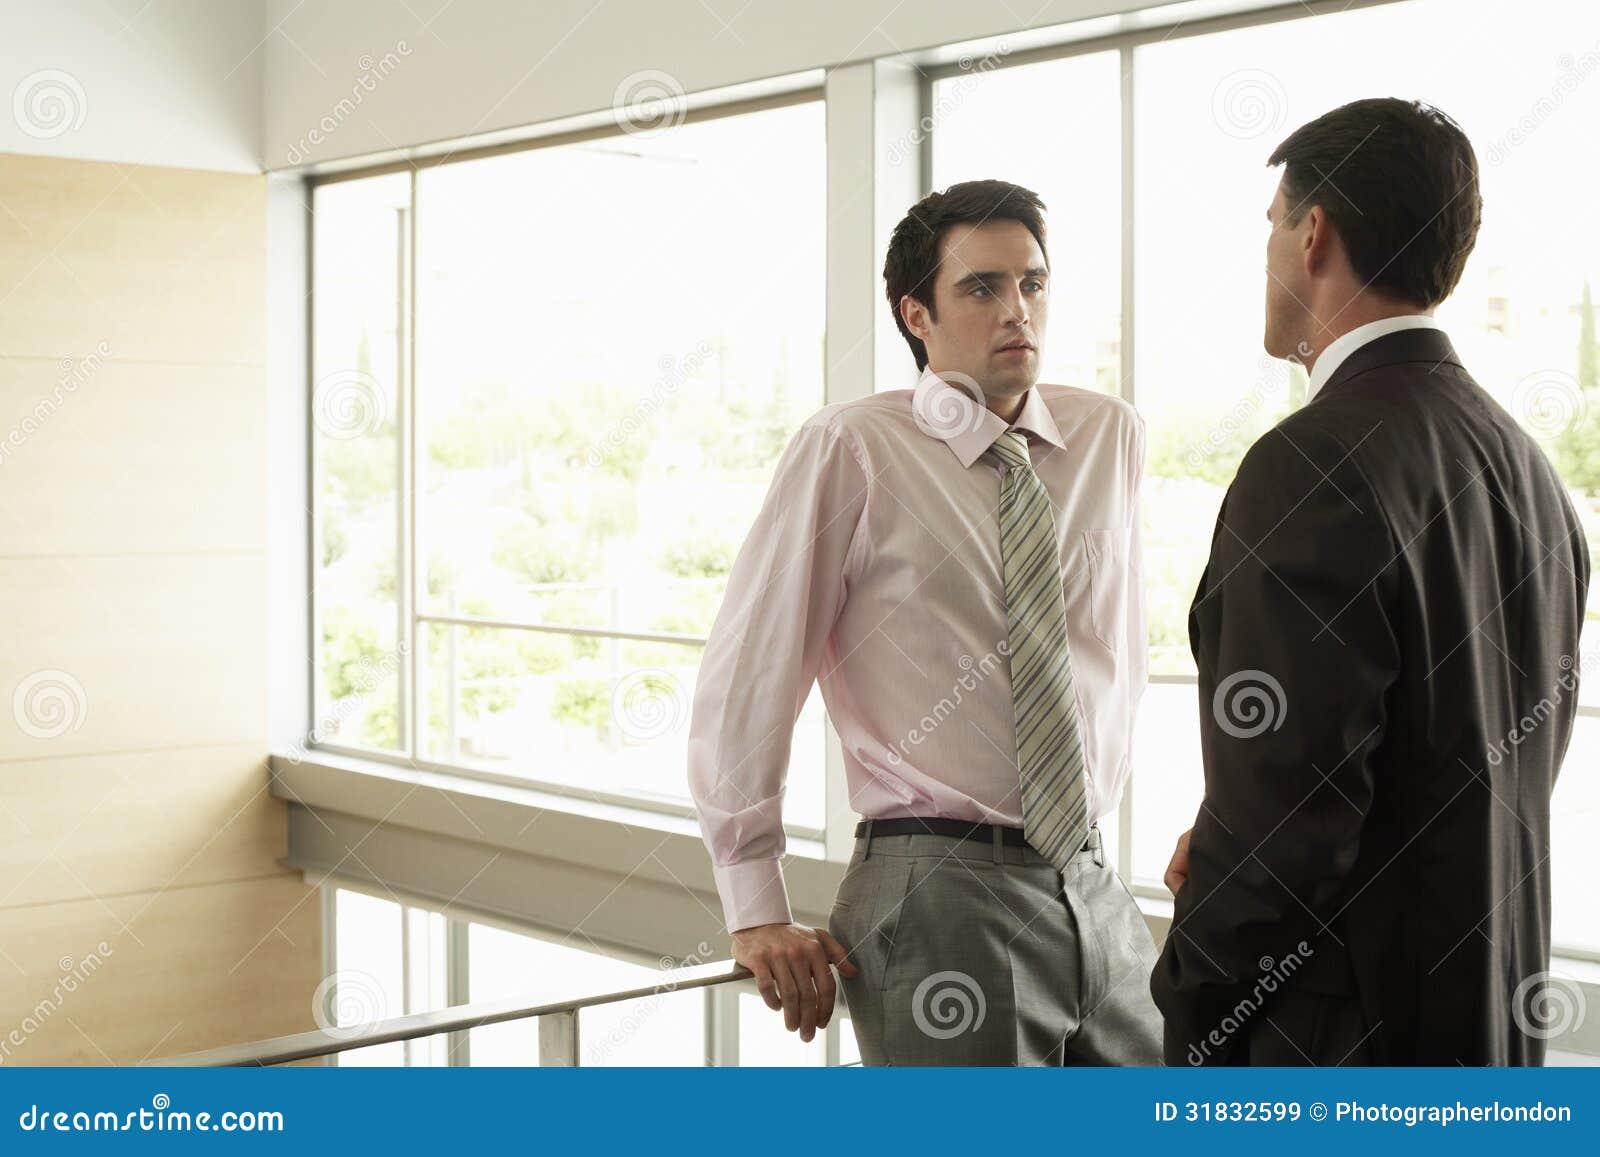 Colega de Looking At Male del hombre de negocios cercando con barandilla en oficina